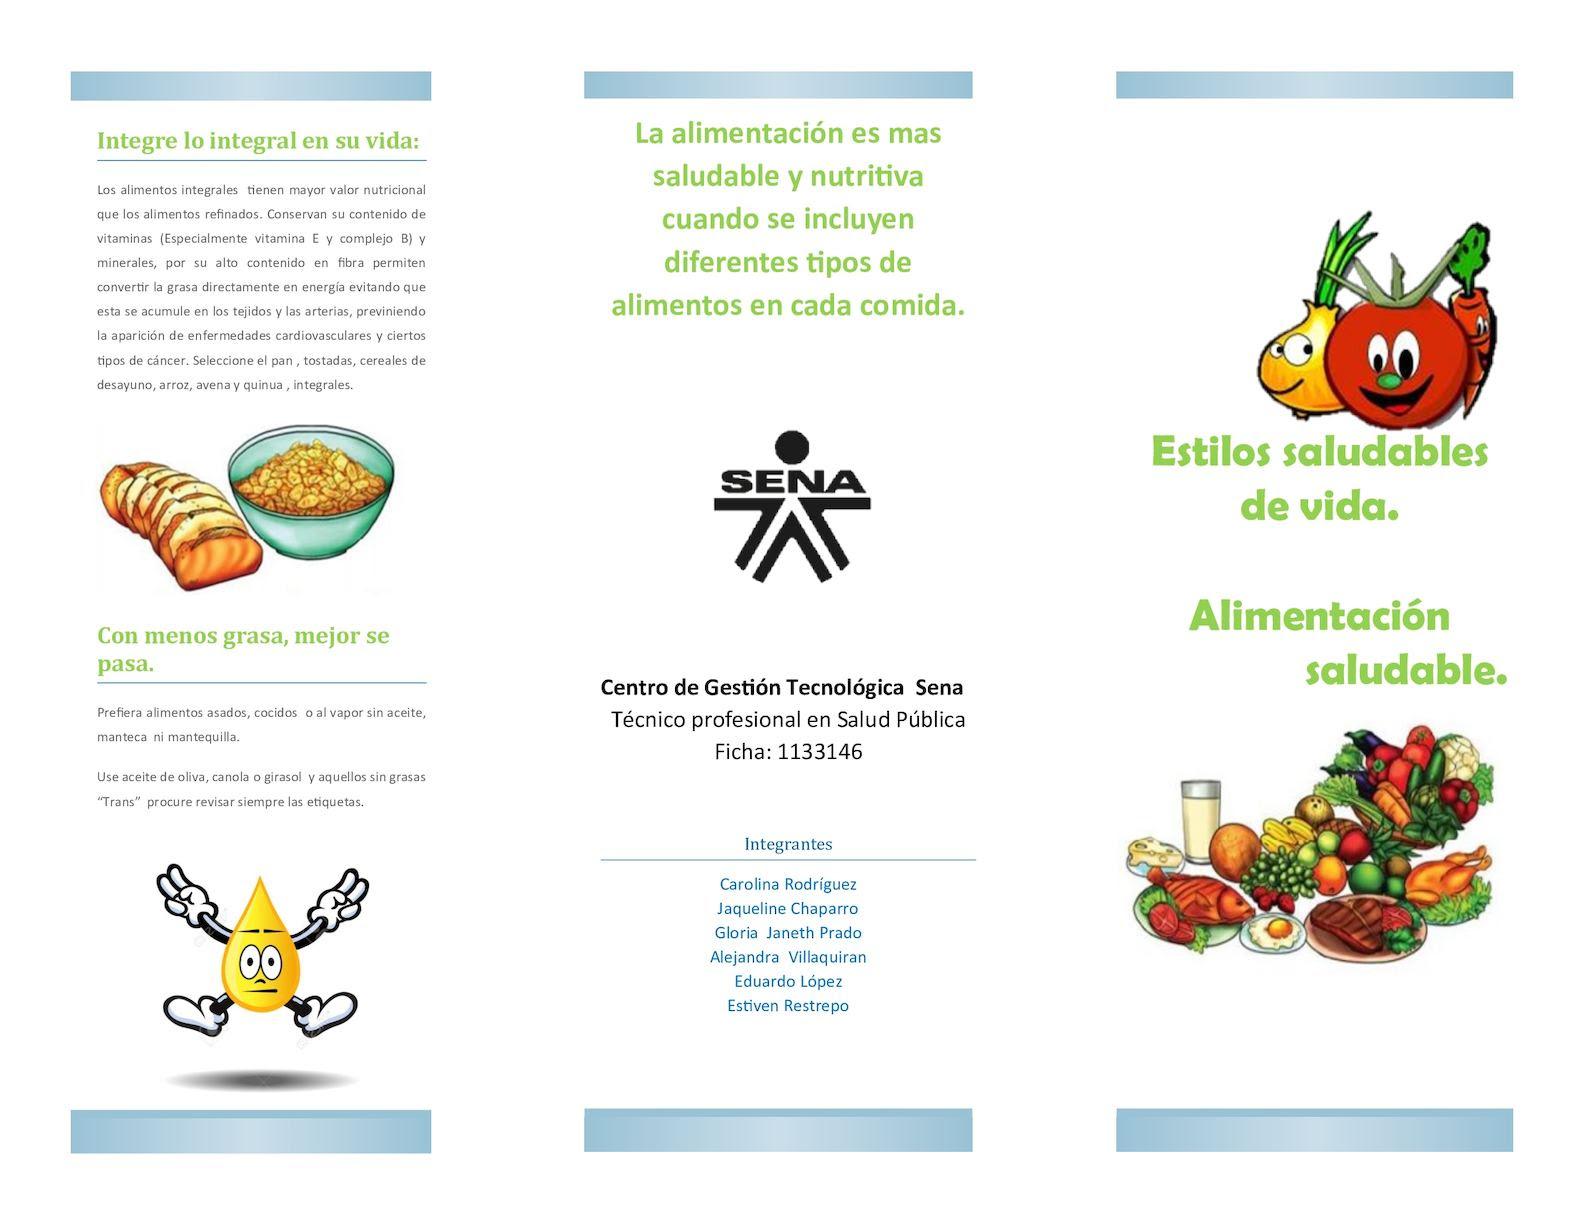 Calaméo Folleto Alimentacion Saludable